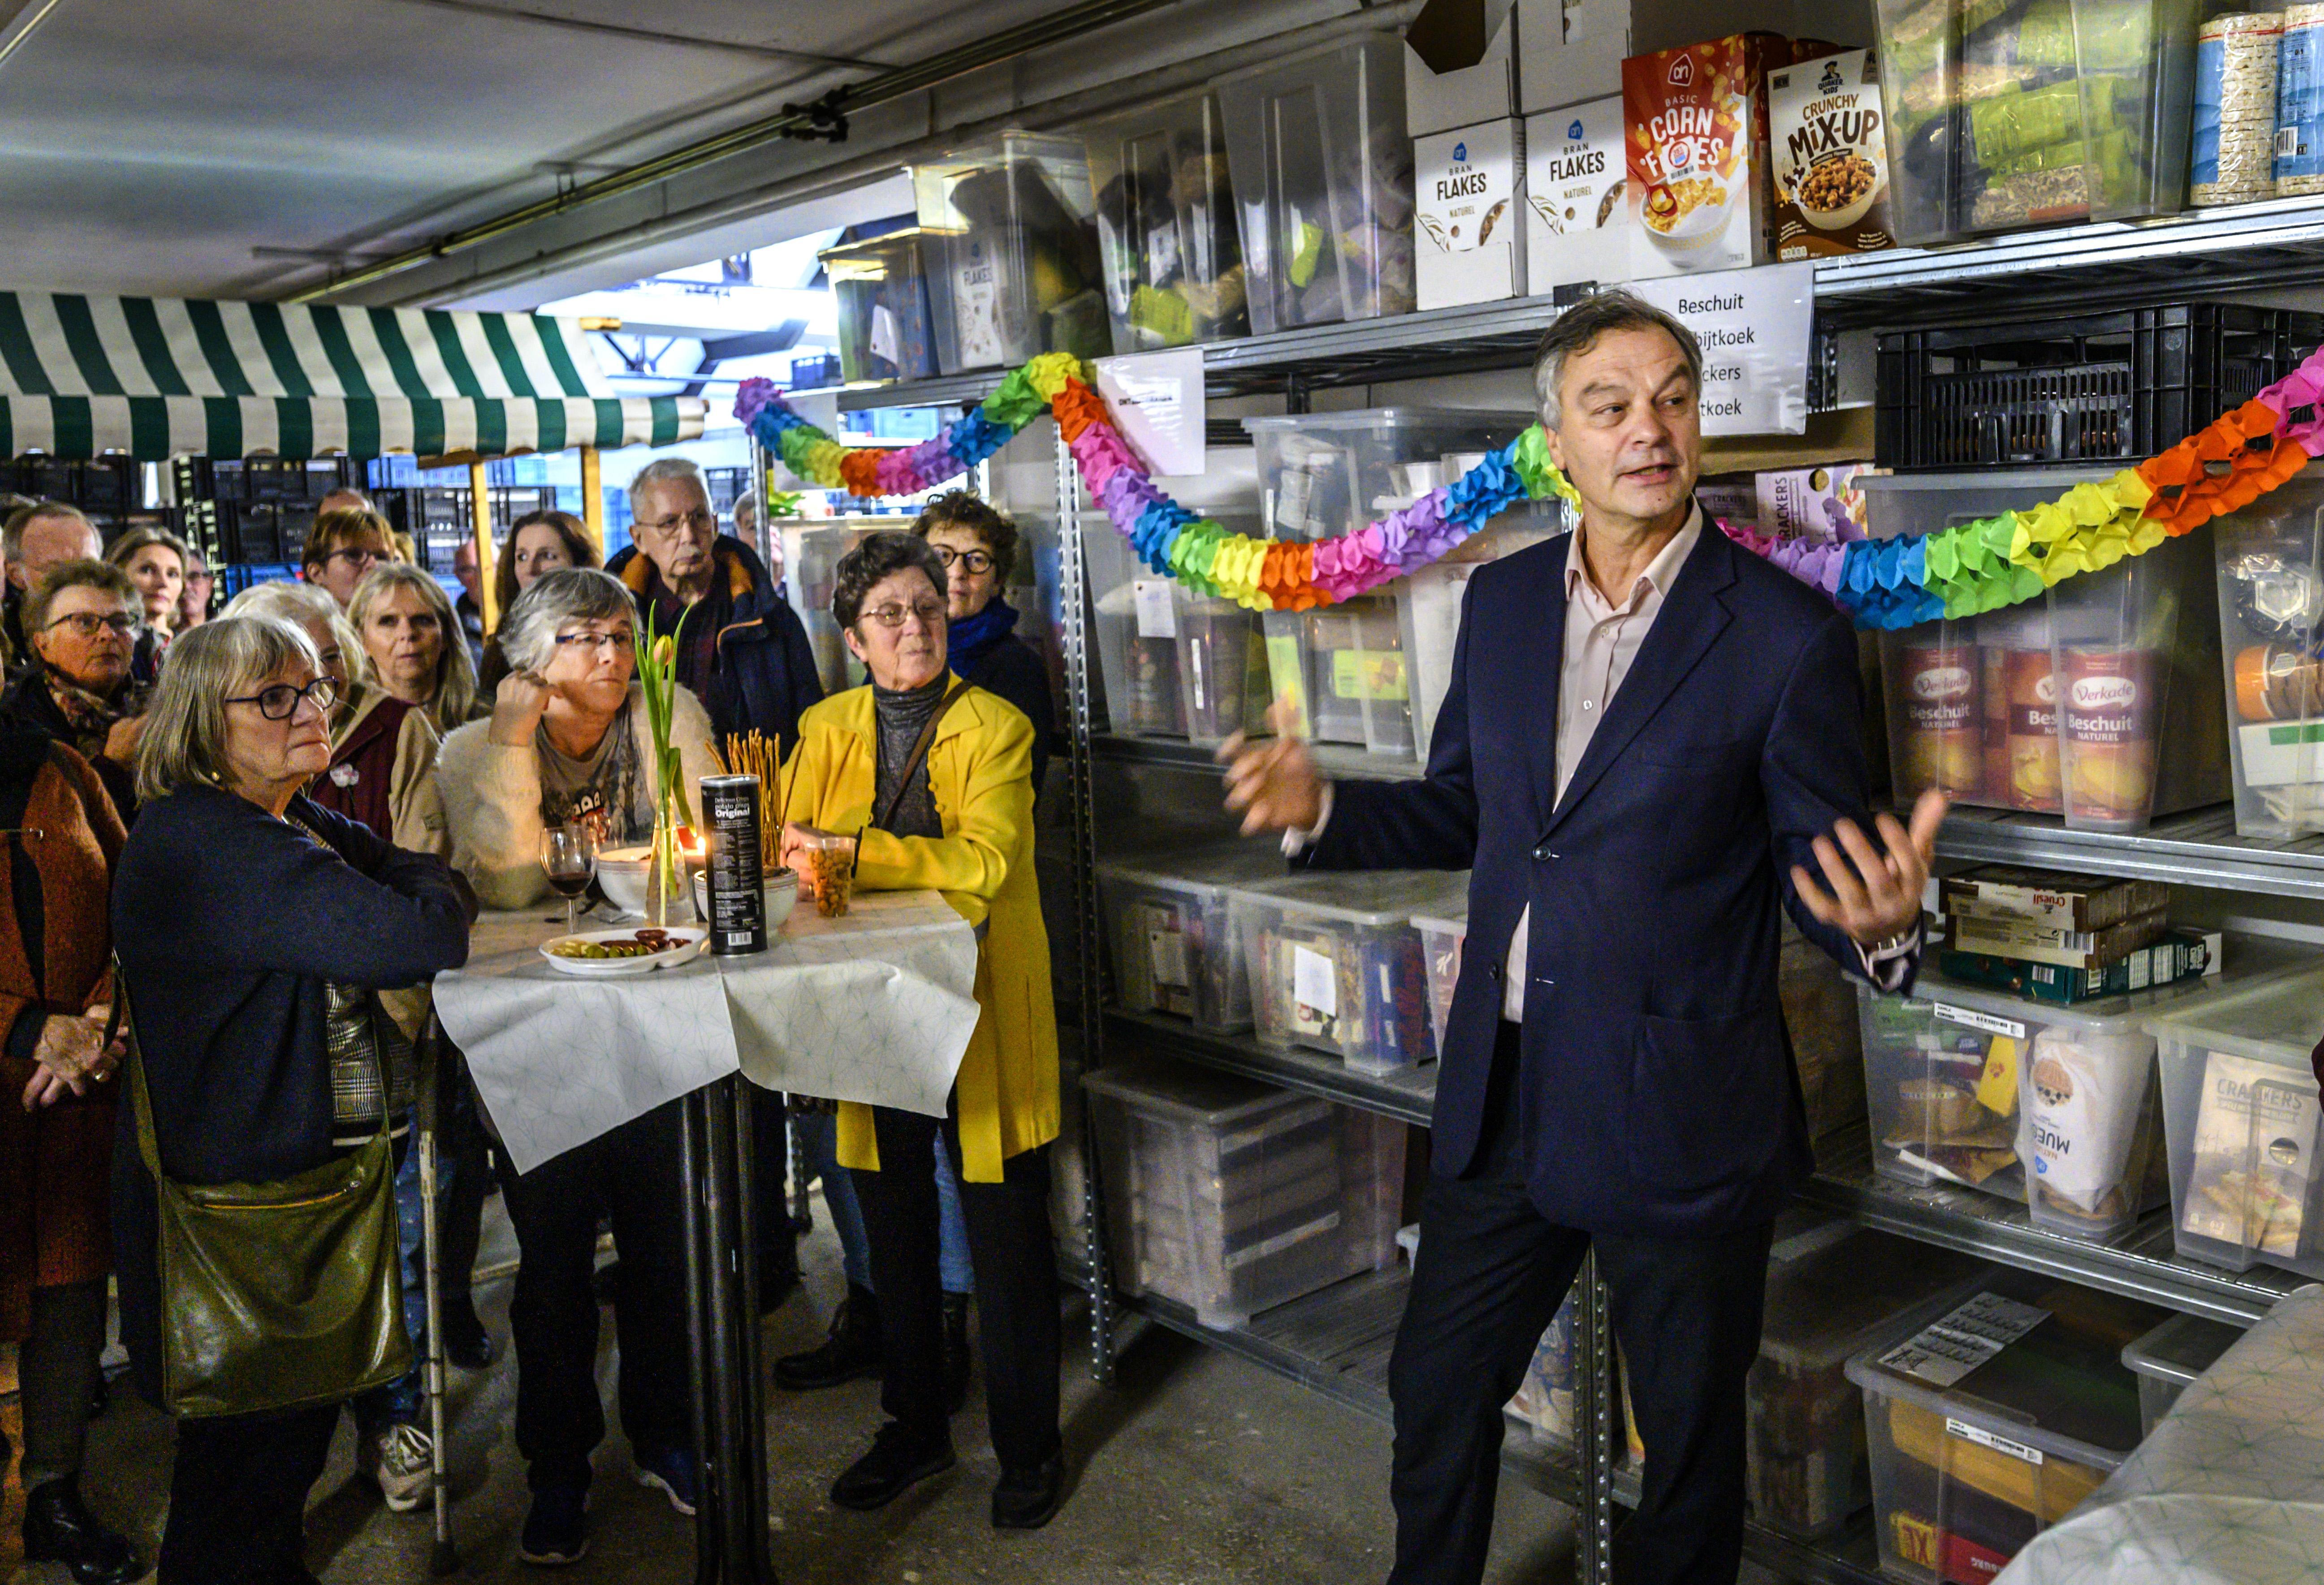 Feestelijk, maar wel met sneer van voorzitter naar de pandeigenaar: vernieuwde Voedselbank Haarlem nu echt open